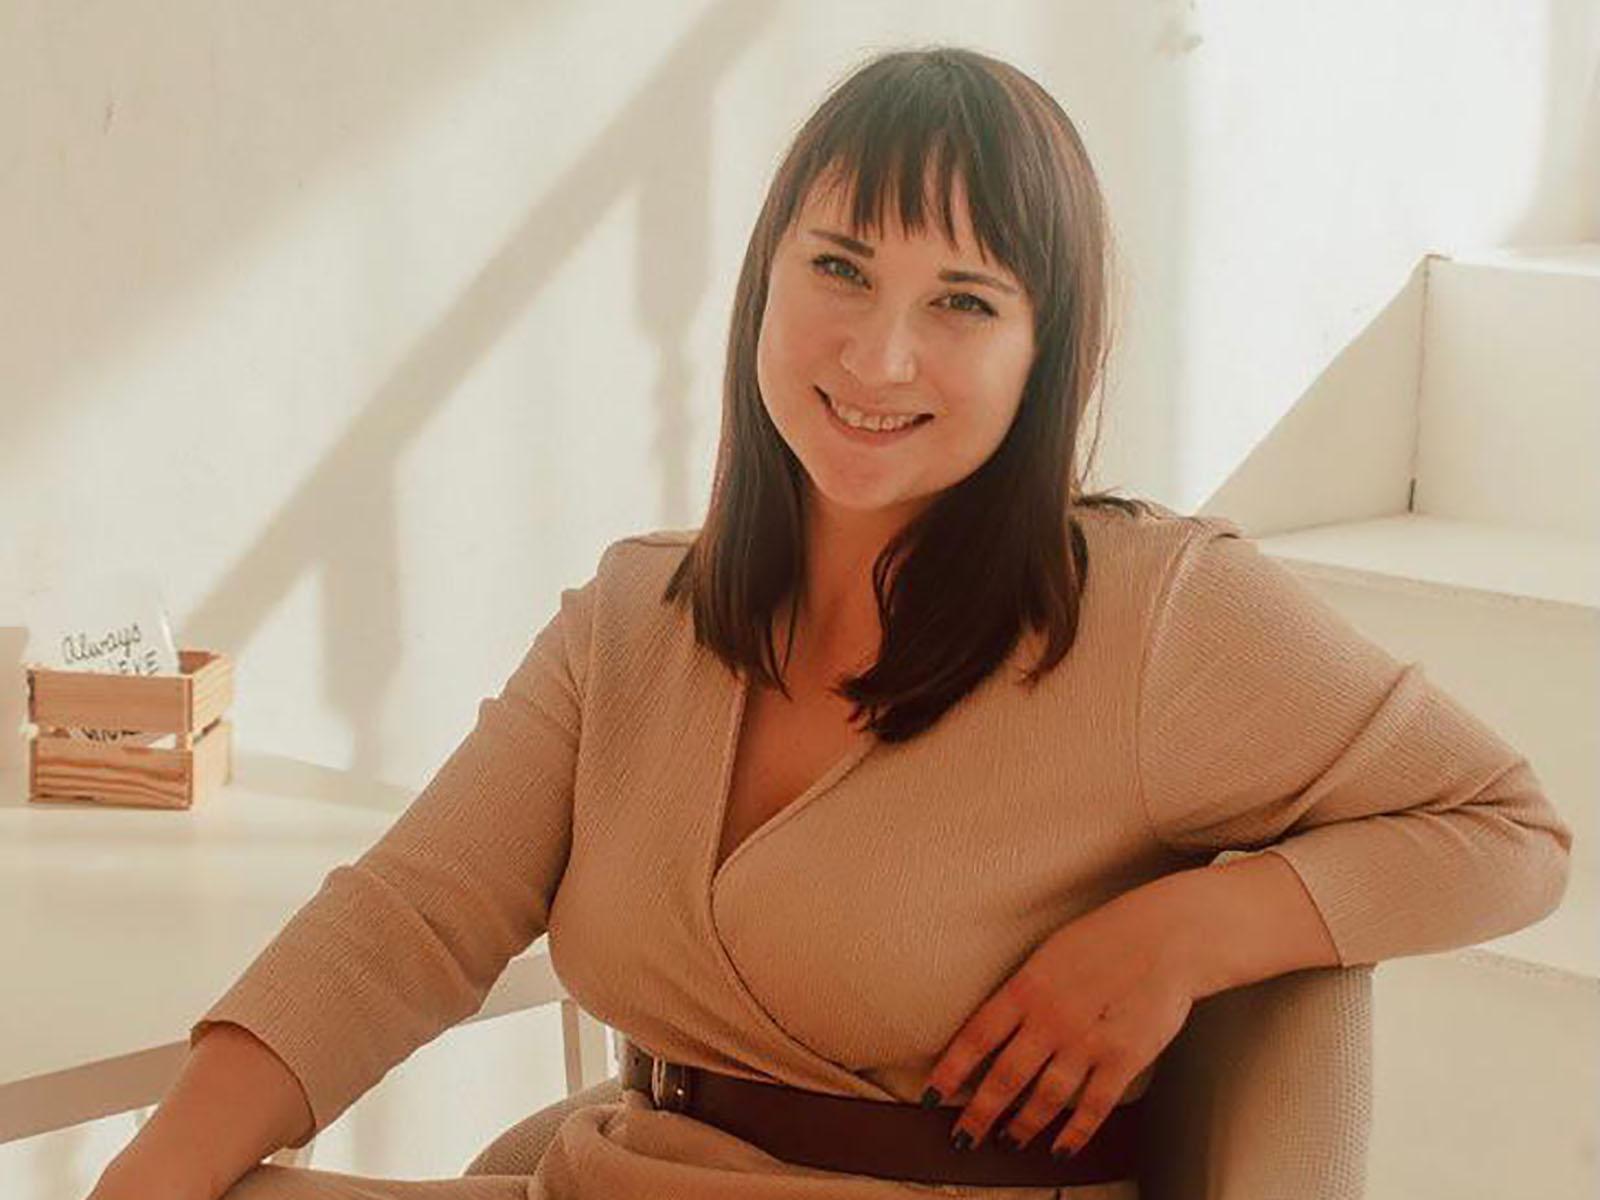 Дина Губайдулина - эксперт центра бизнес-продюсирования «Альфа-лица»